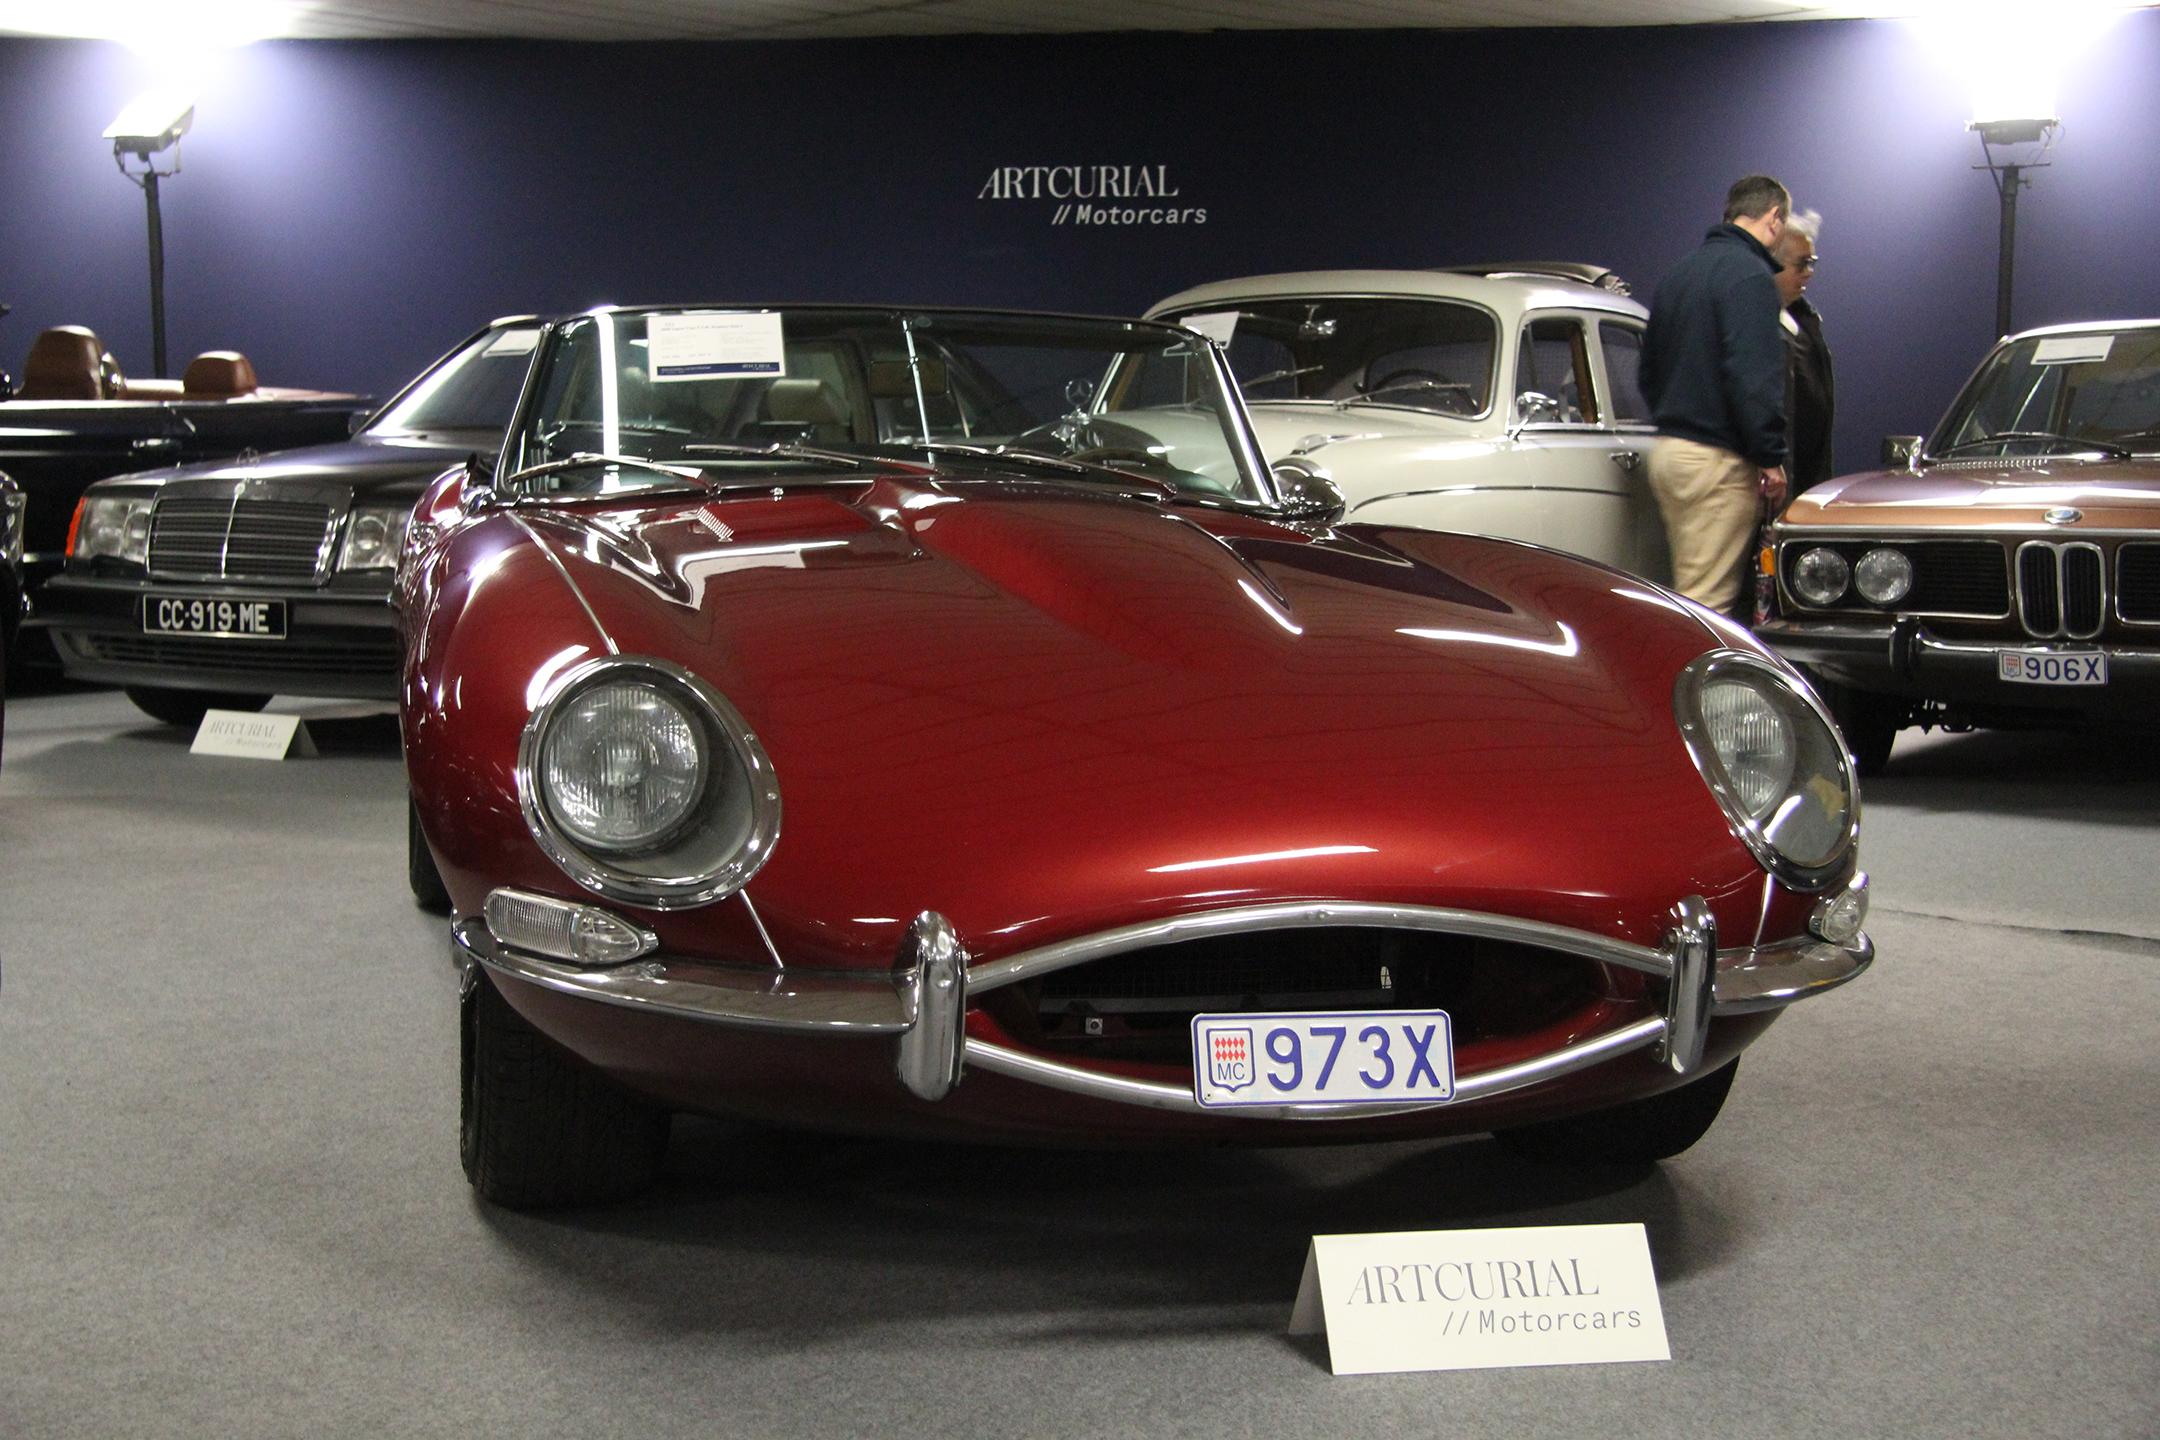 Jaguar Type E 4.2L Roadster Serie 1 - 1966 - Artcurial Motorcars - Automobiles sur les Champs - 2019 - photo Ludo Ferrari